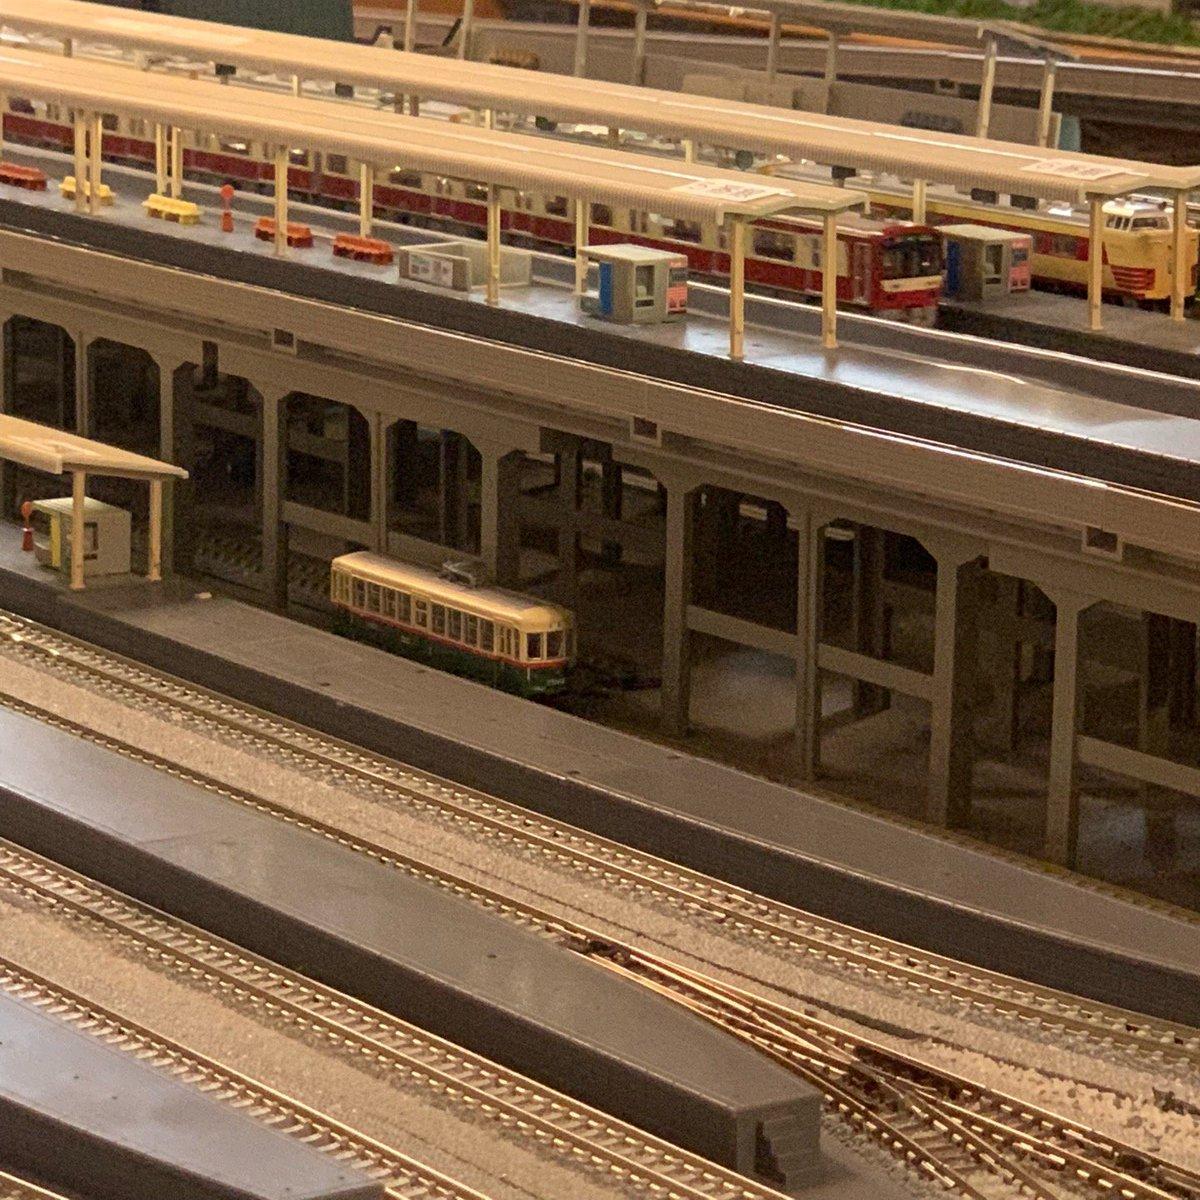 鉄道カフェはるか Nゲージ 名古屋市電1400型(3)京急2100形電車